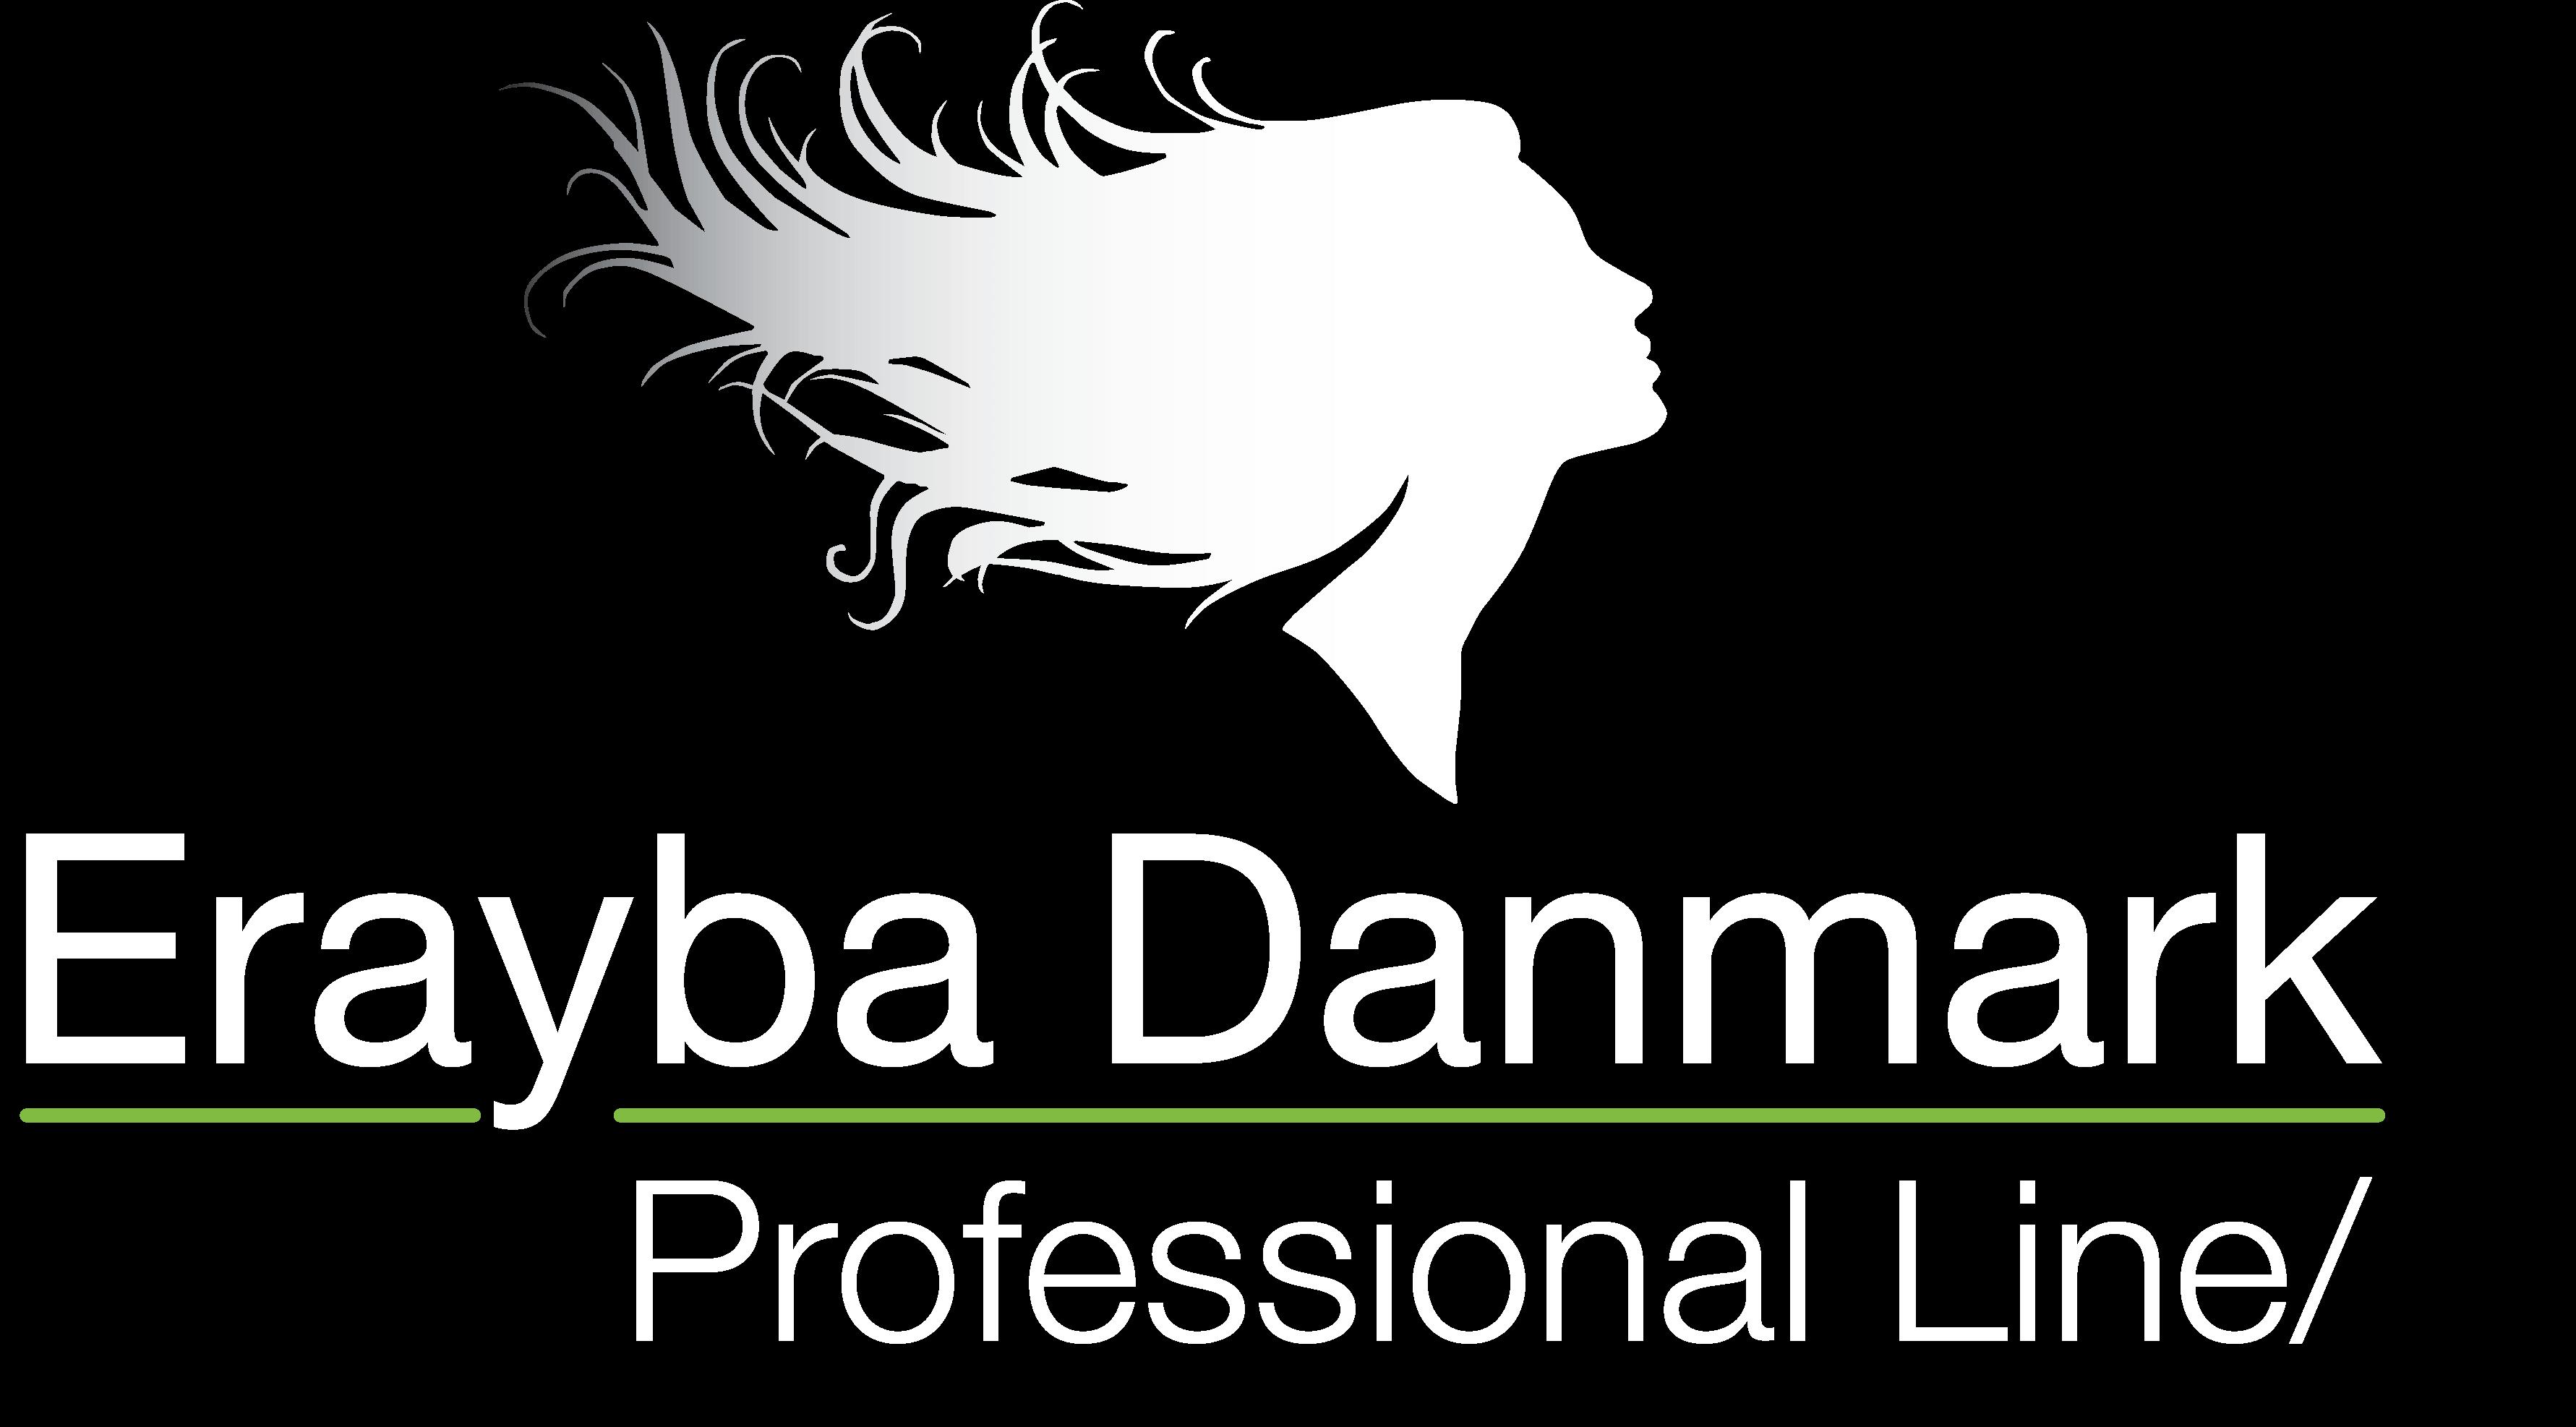 Erayba Danmark